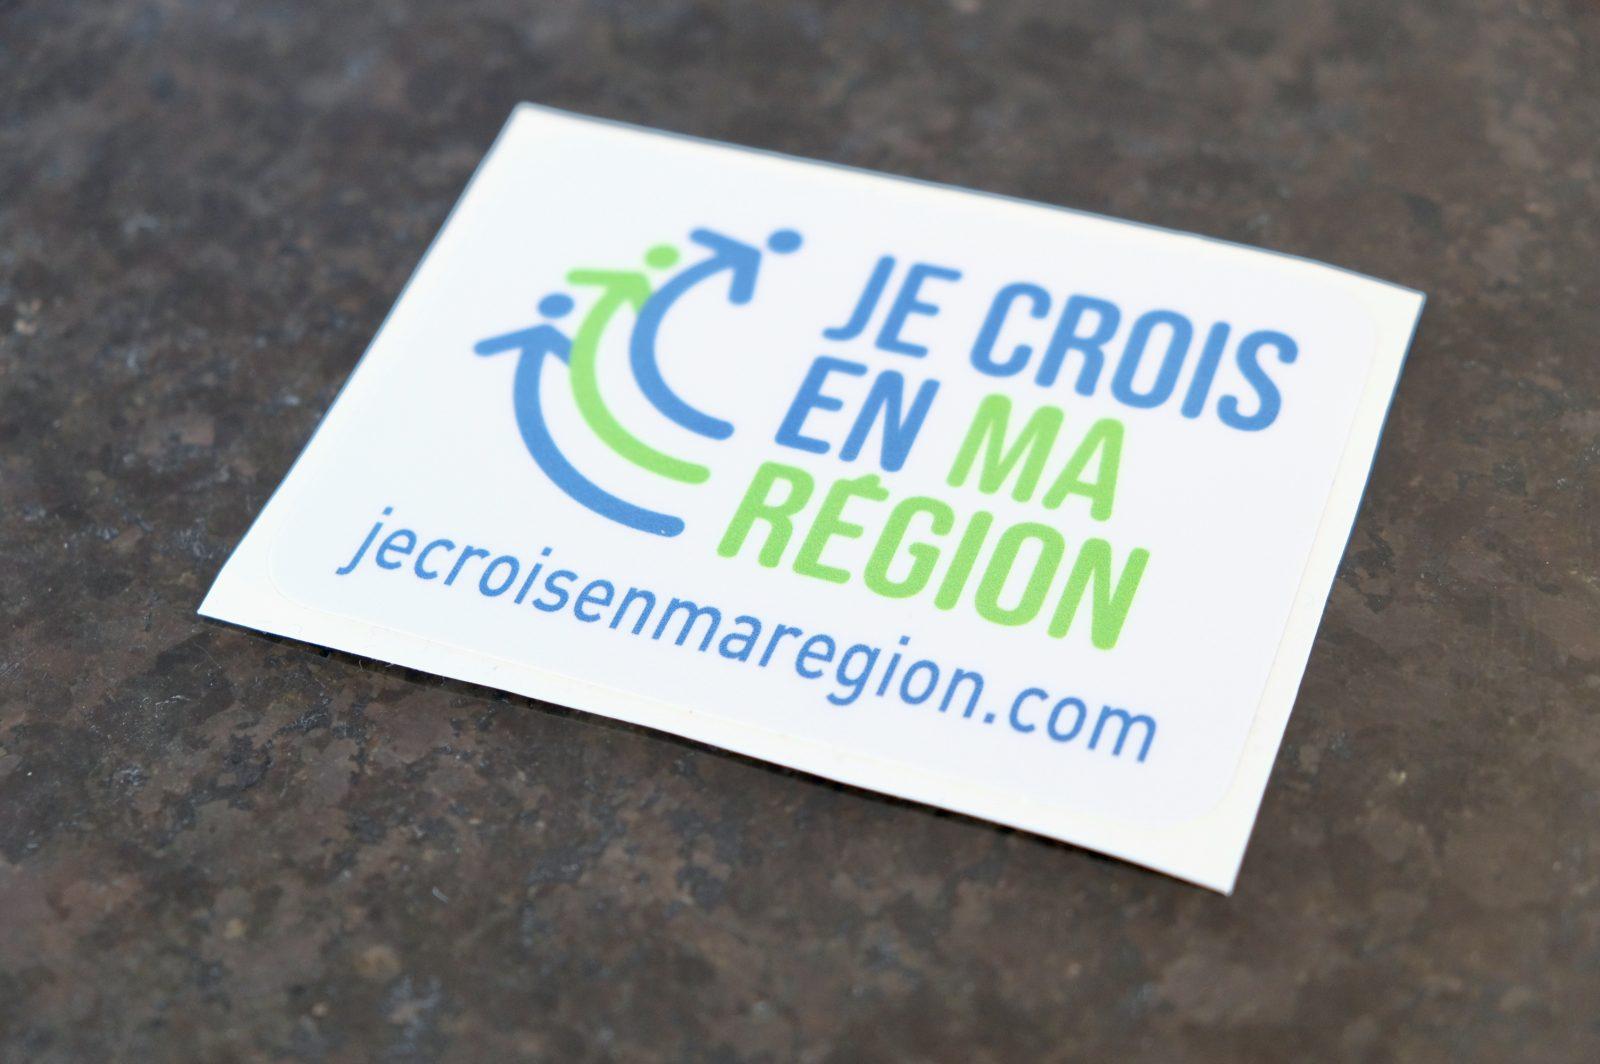 «Je crois en ma région» critiqué